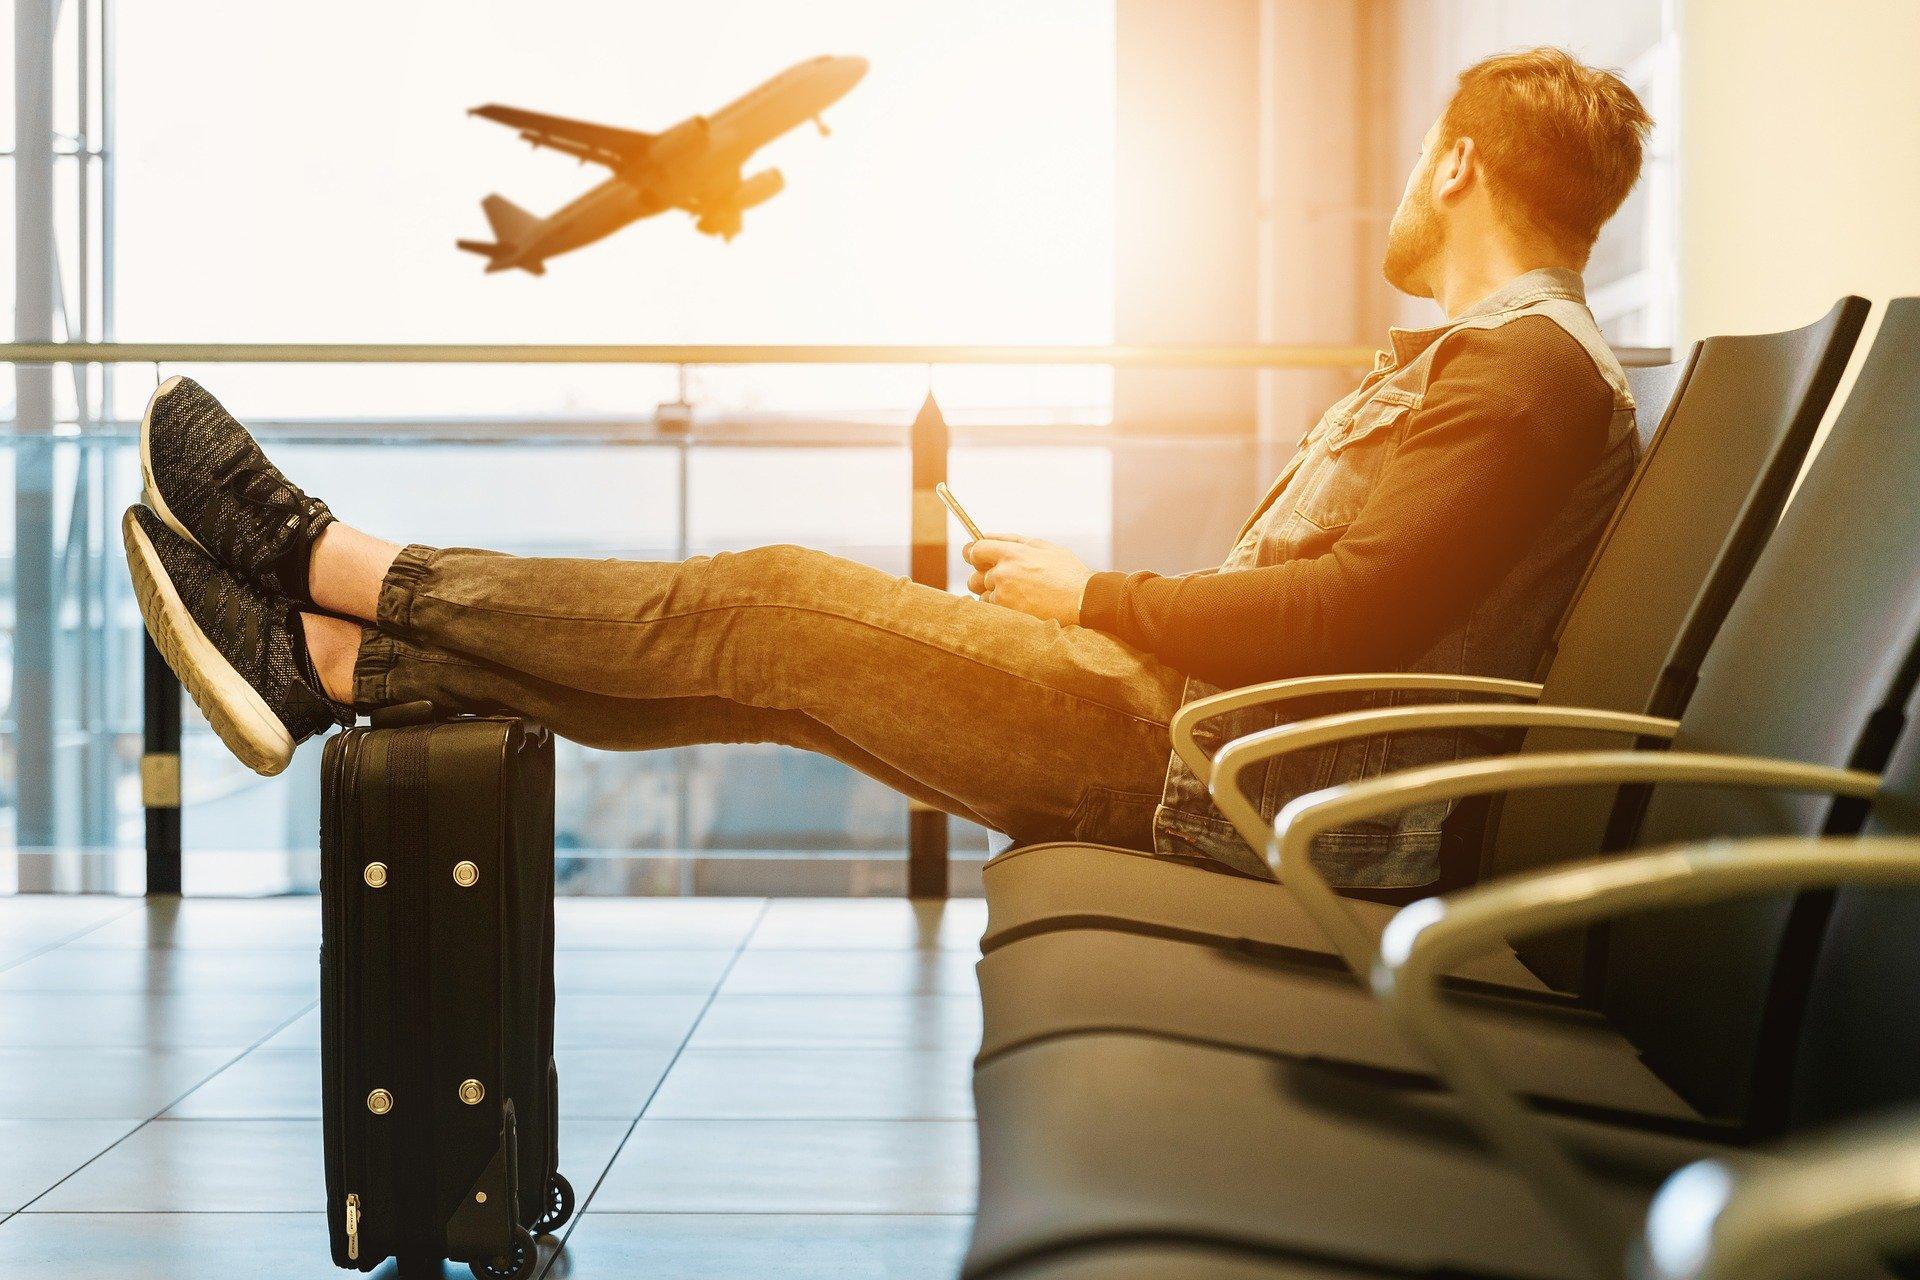 Ещё два российских аэропорта откроются для международных рейсов после закрытия из-за пандемии